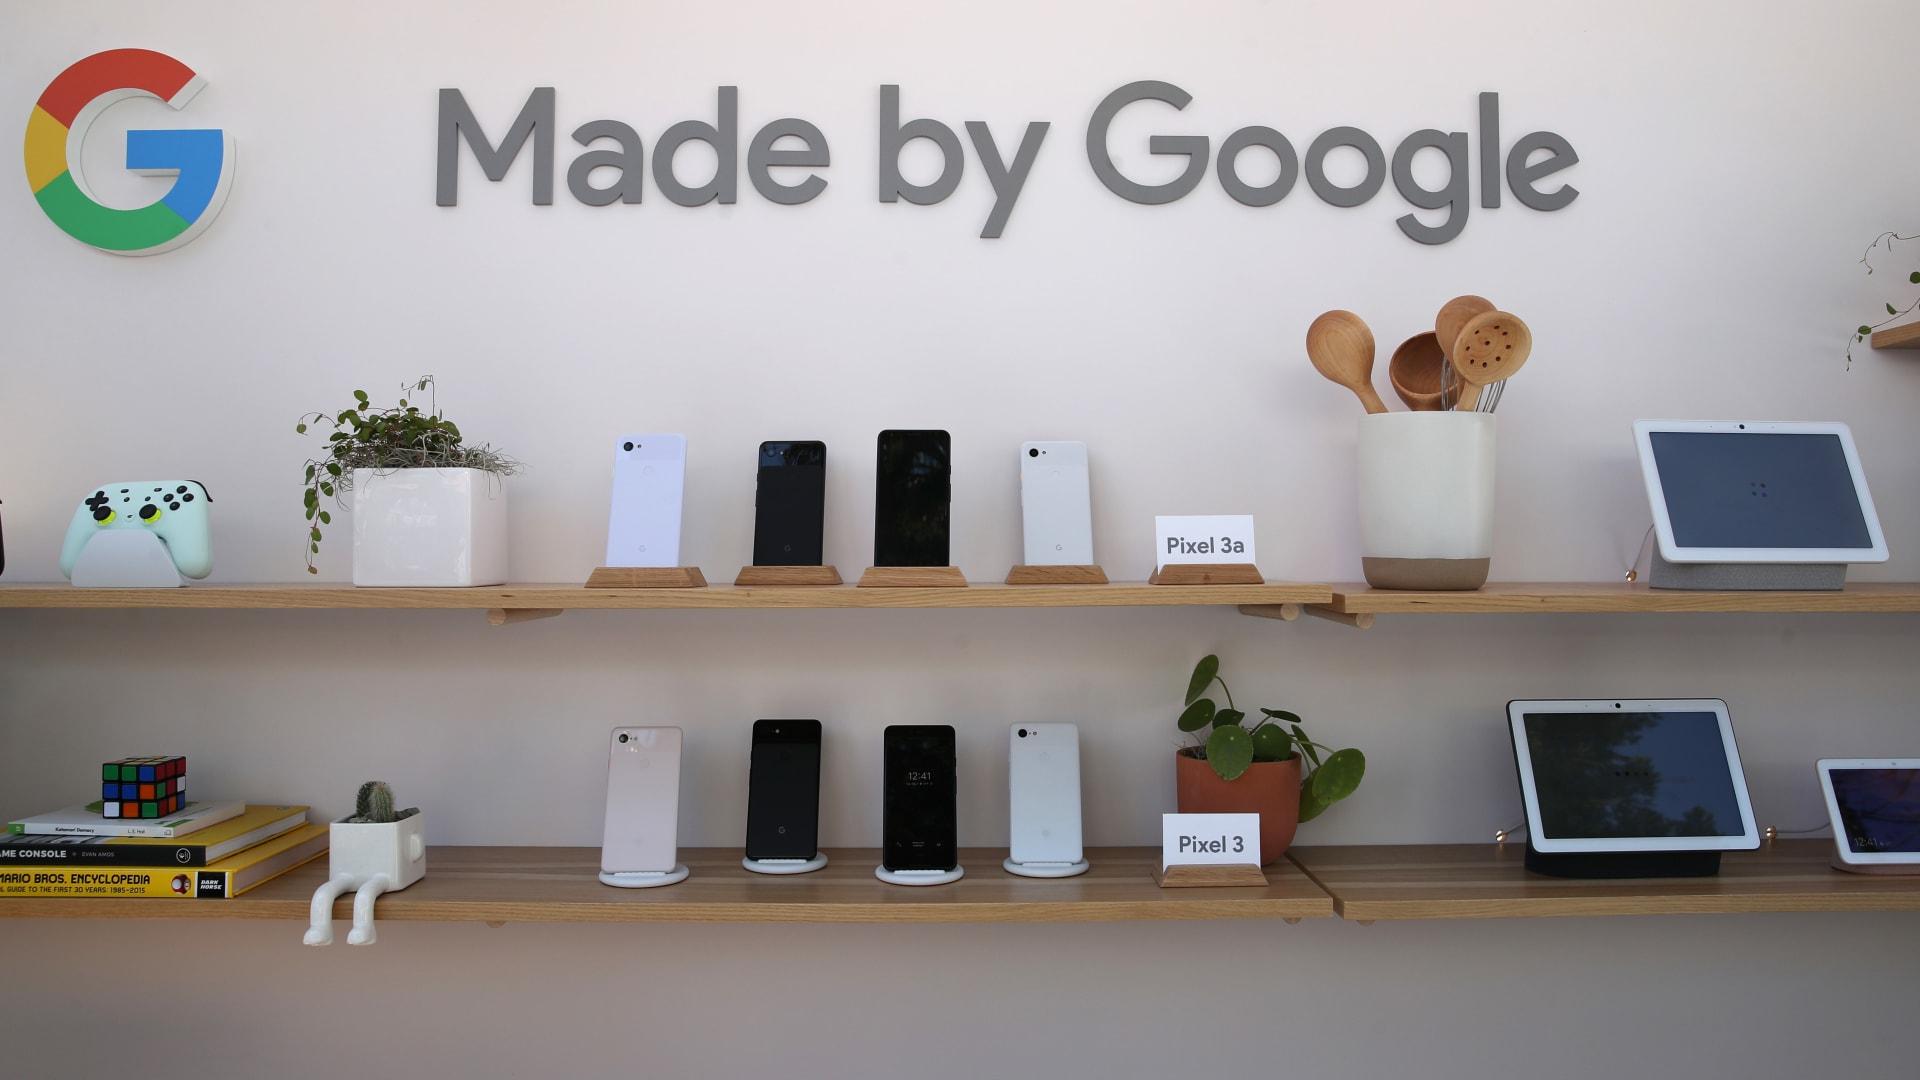 غوغل تلغي أكبر حدث سنوي لها بسبب مخاوف من فيروس كورونا